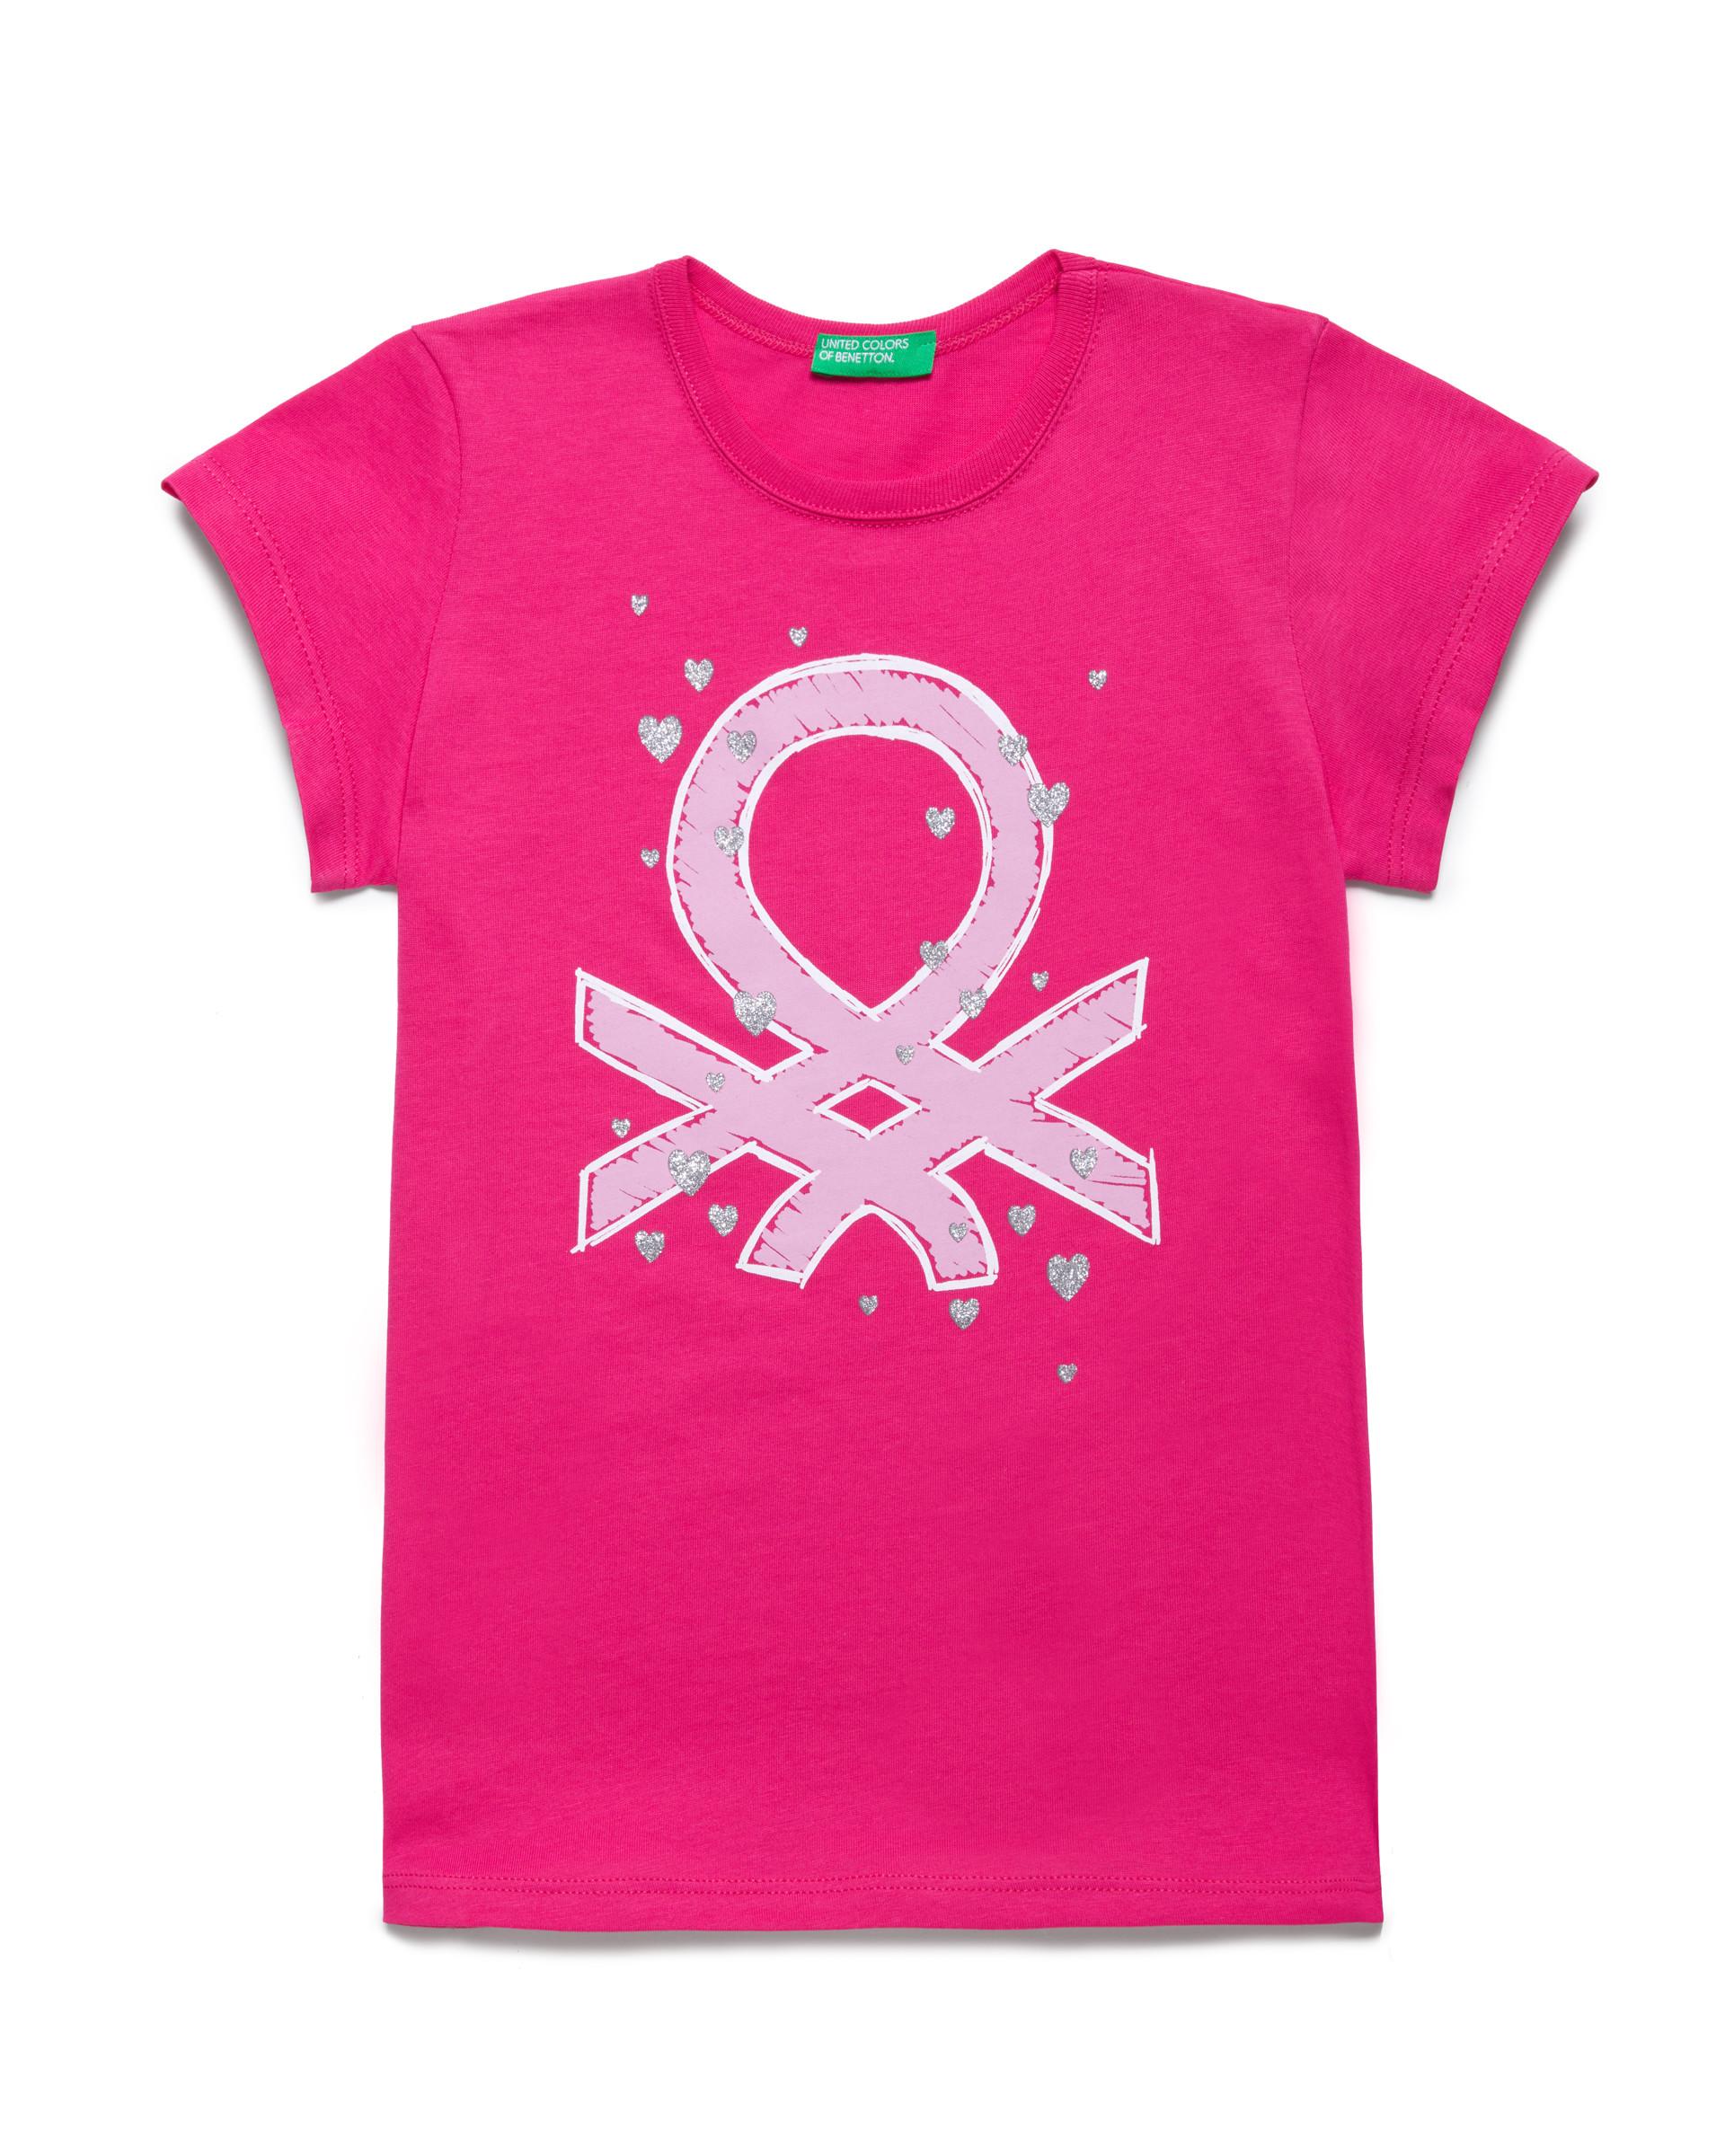 Купить 20P_3096C14J1_2L3, Футболка для девочек Benetton 3096C14J1_2L3 р-р 80, United Colors of Benetton, Кофточки, футболки для новорожденных